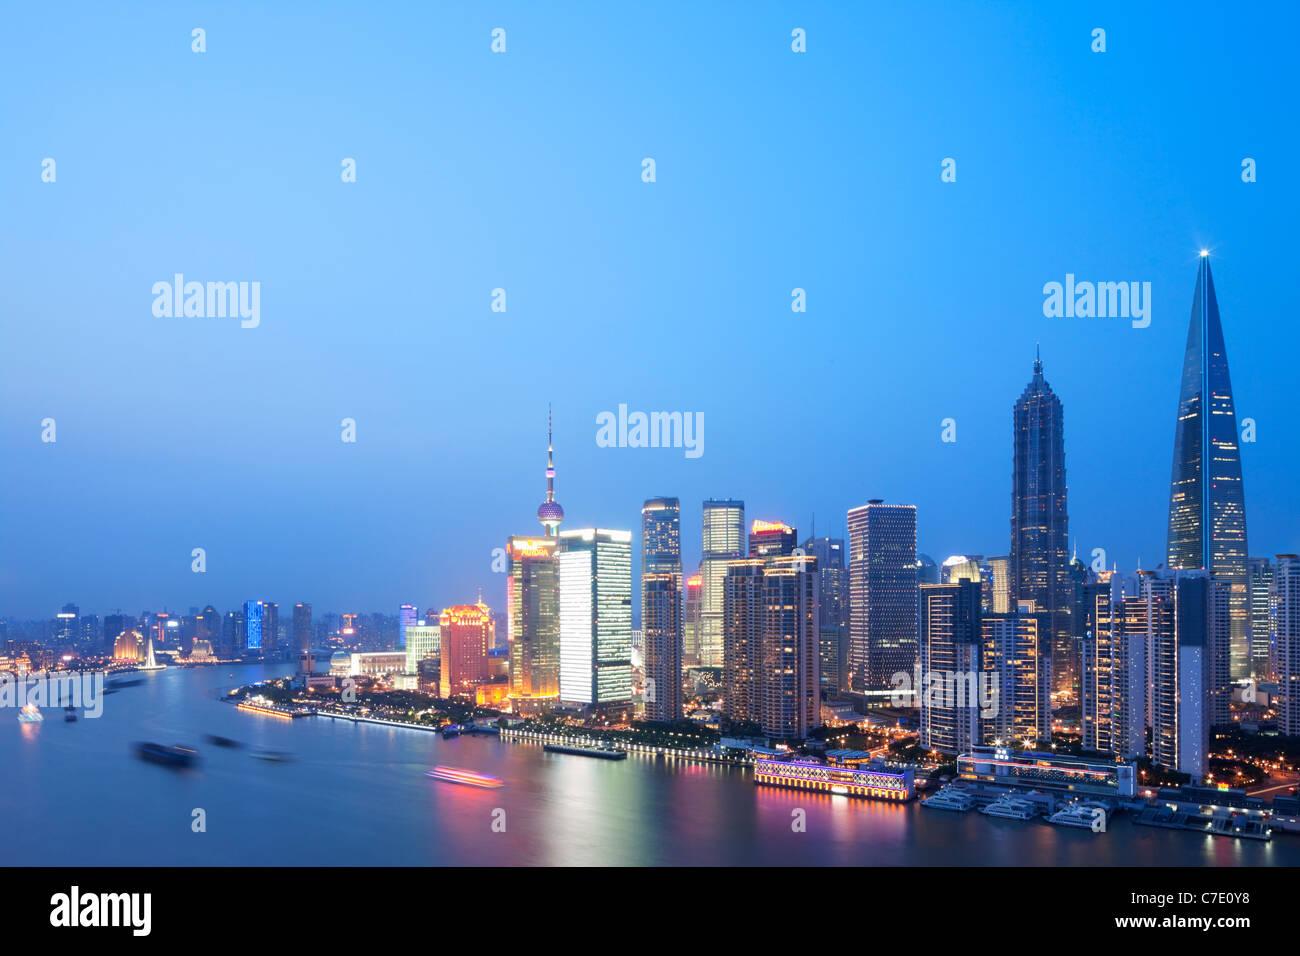 Pudong at dusk, Shanghai, China - Stock Image